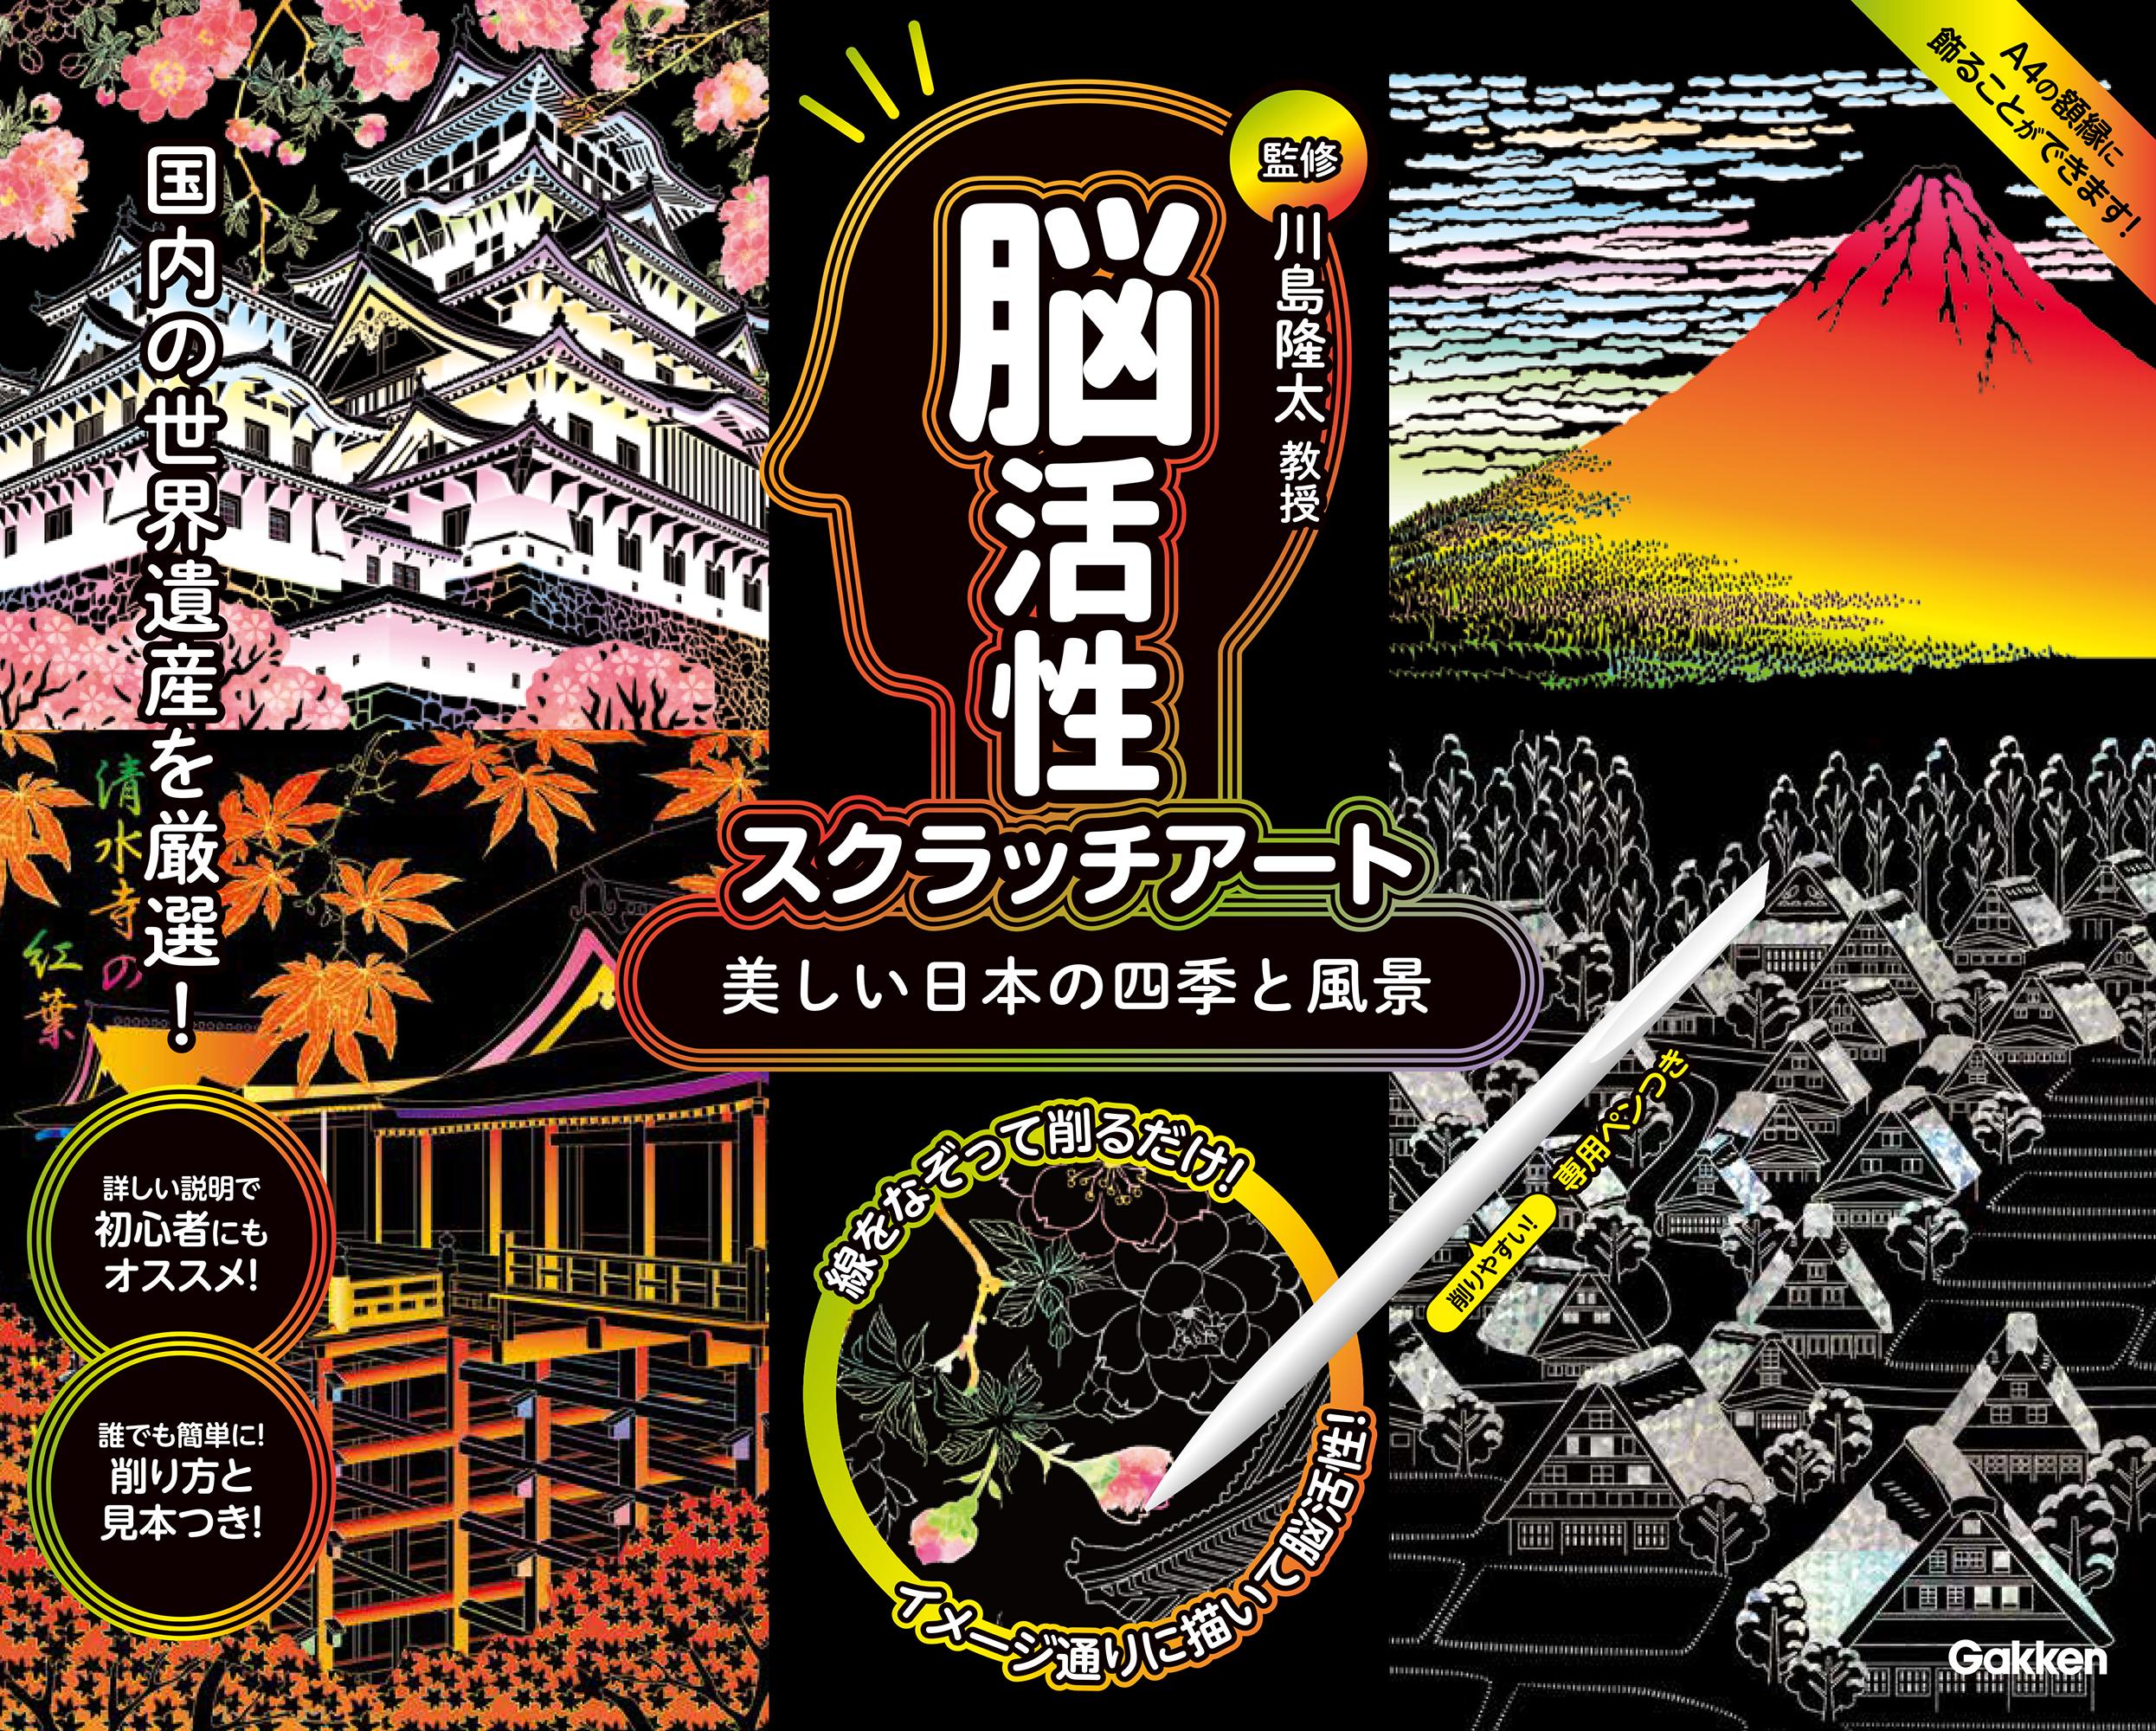 『川島隆太監修 脳活性スクラッチアート 美しい日本の四季と風景』パッケージ